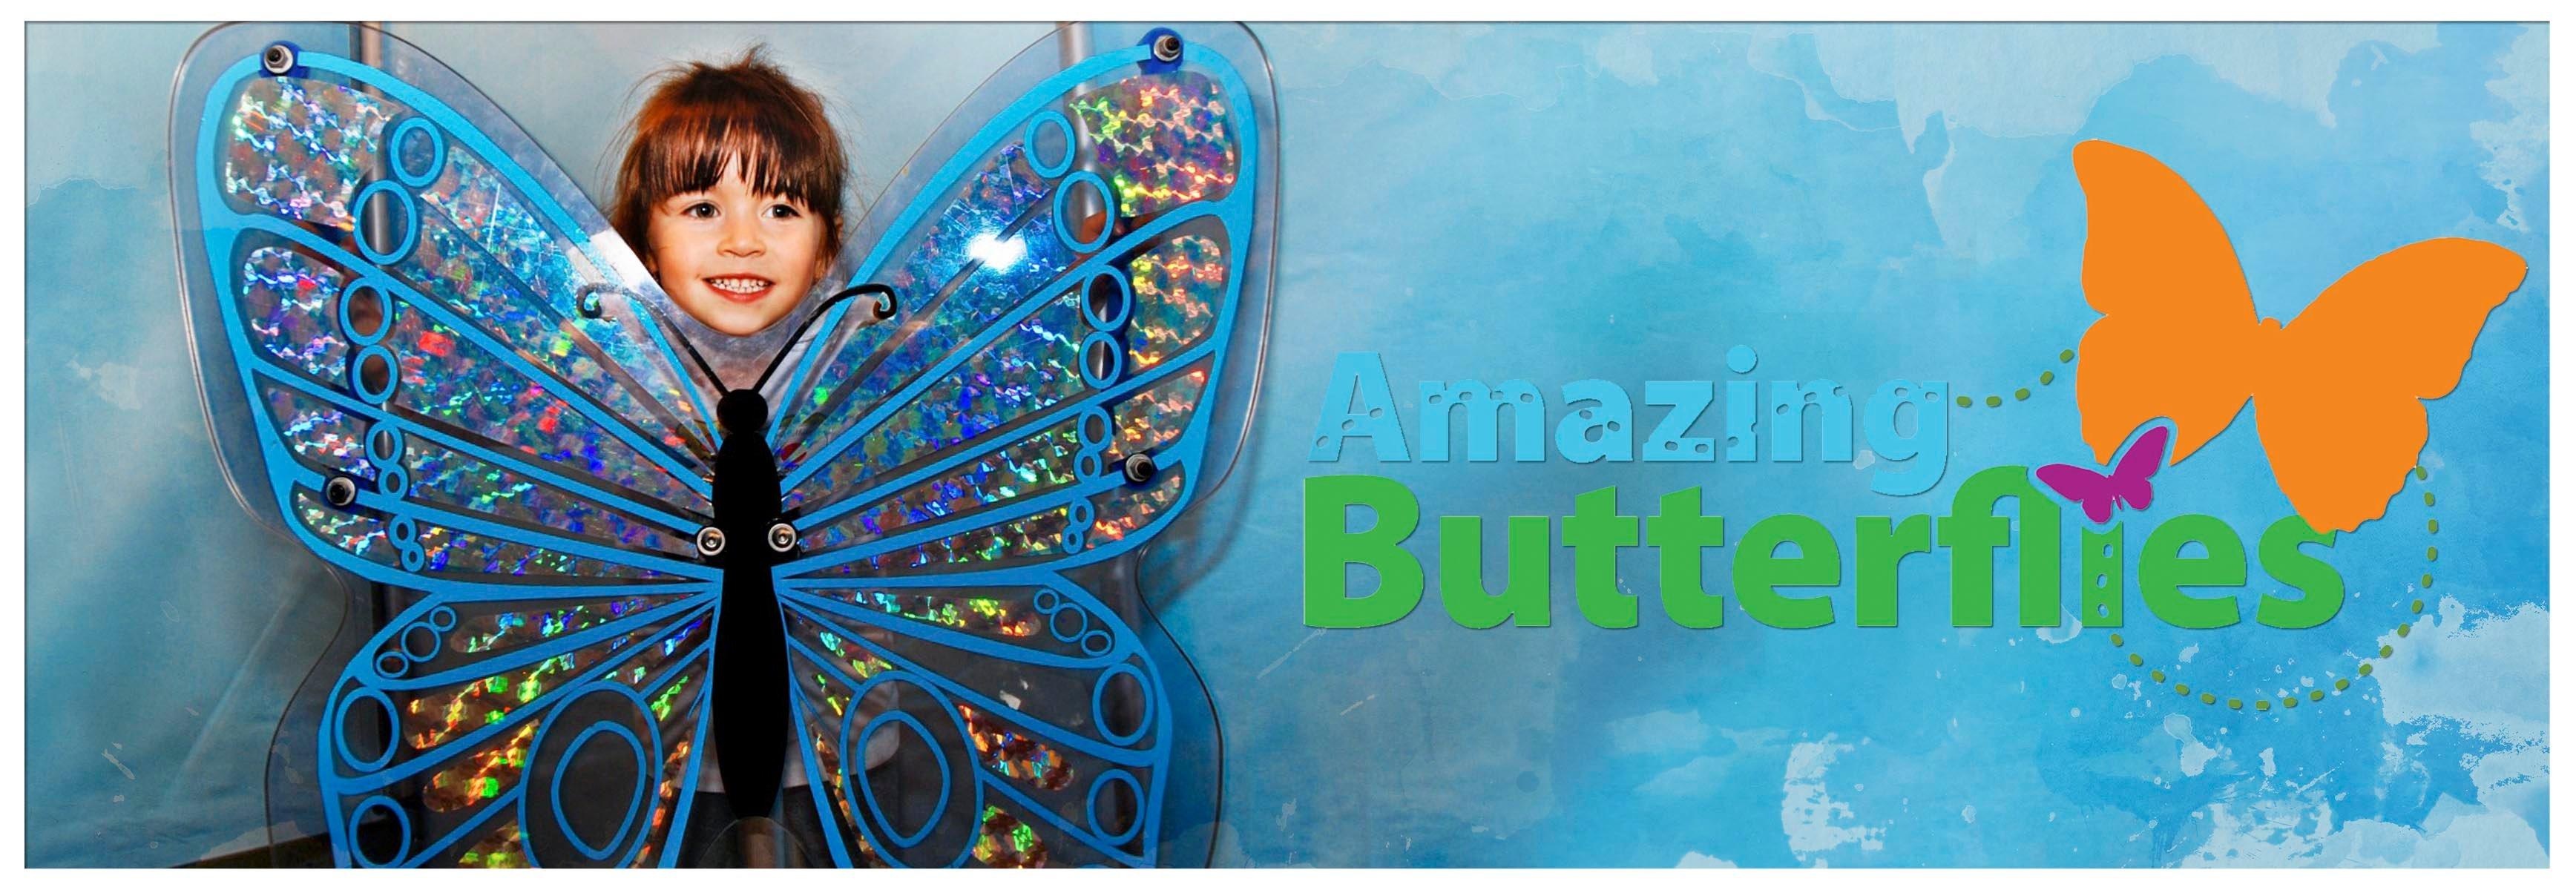 MOR_Butterflies_c